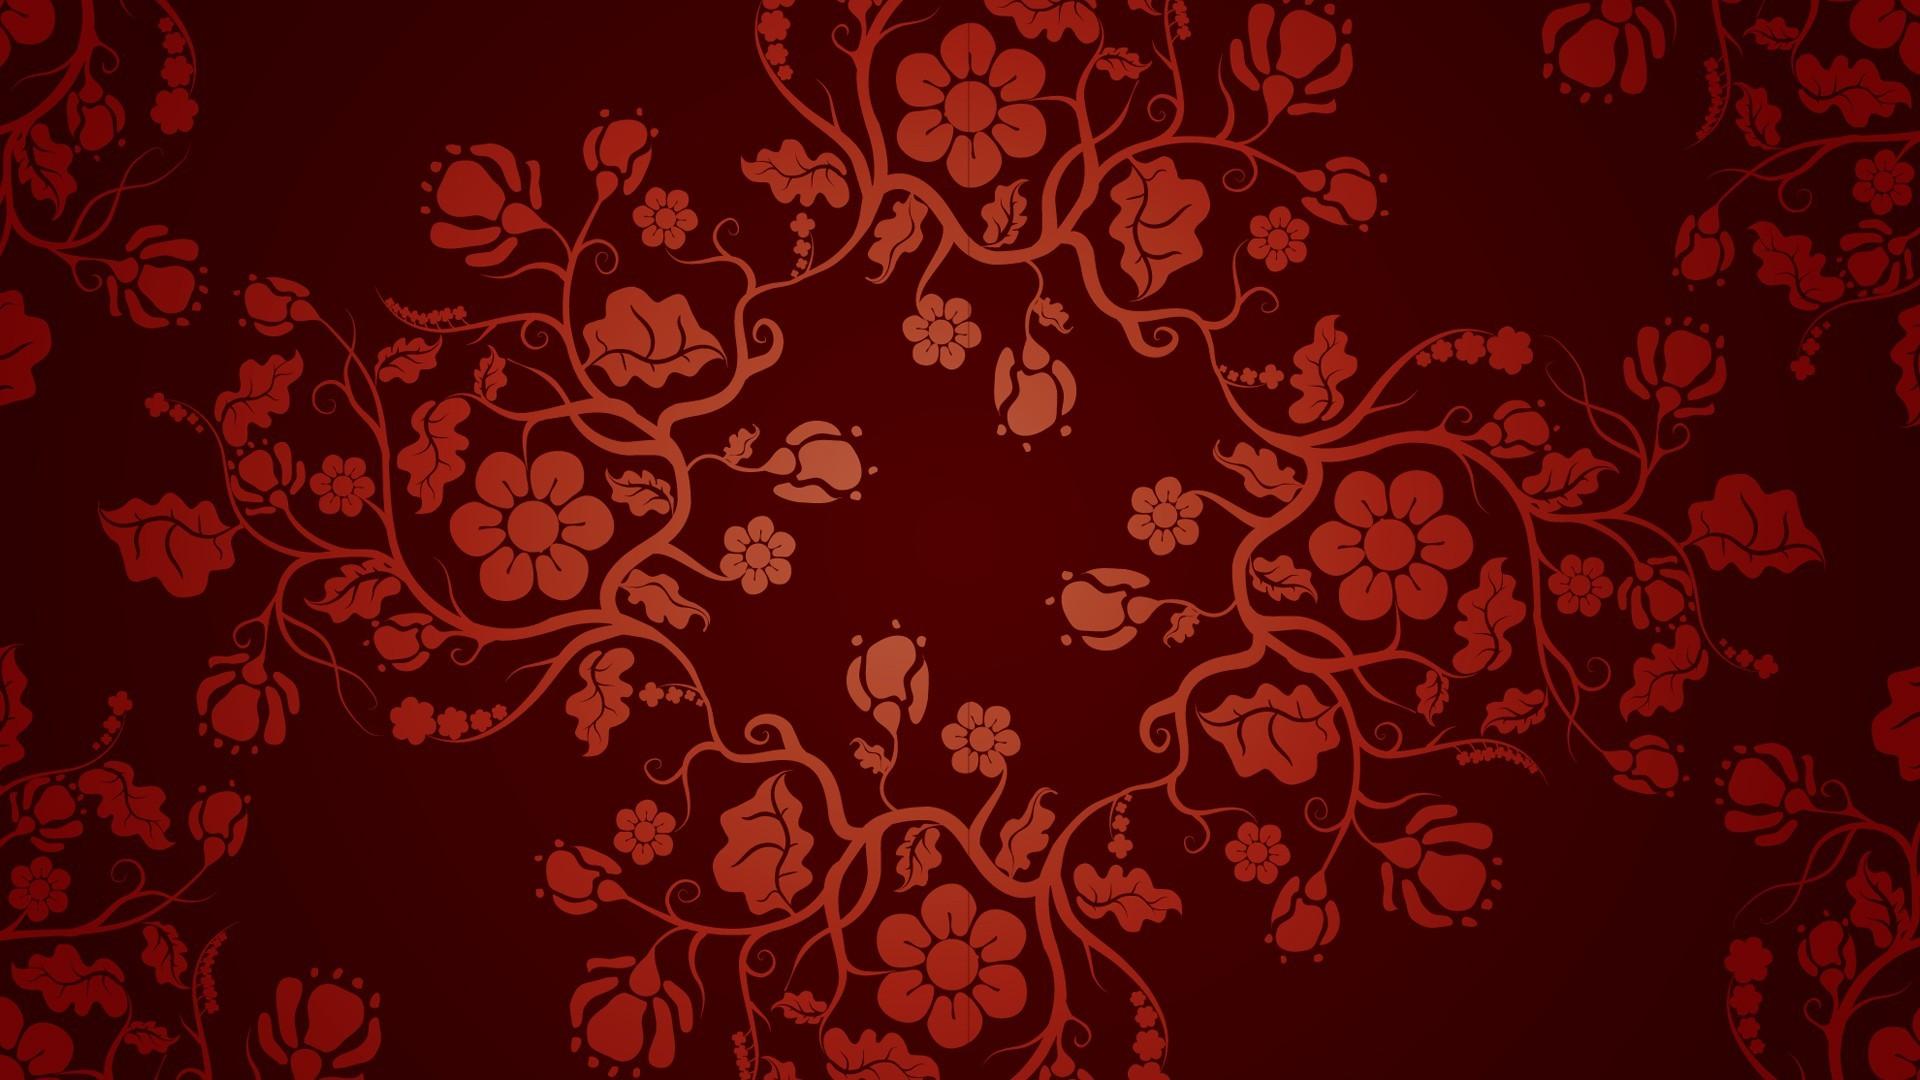 illustration fantasiekunst rot muster textur kreis blumen kunst blume entwurf tapete 1920x1080 px computer - Tapete Rot Muster